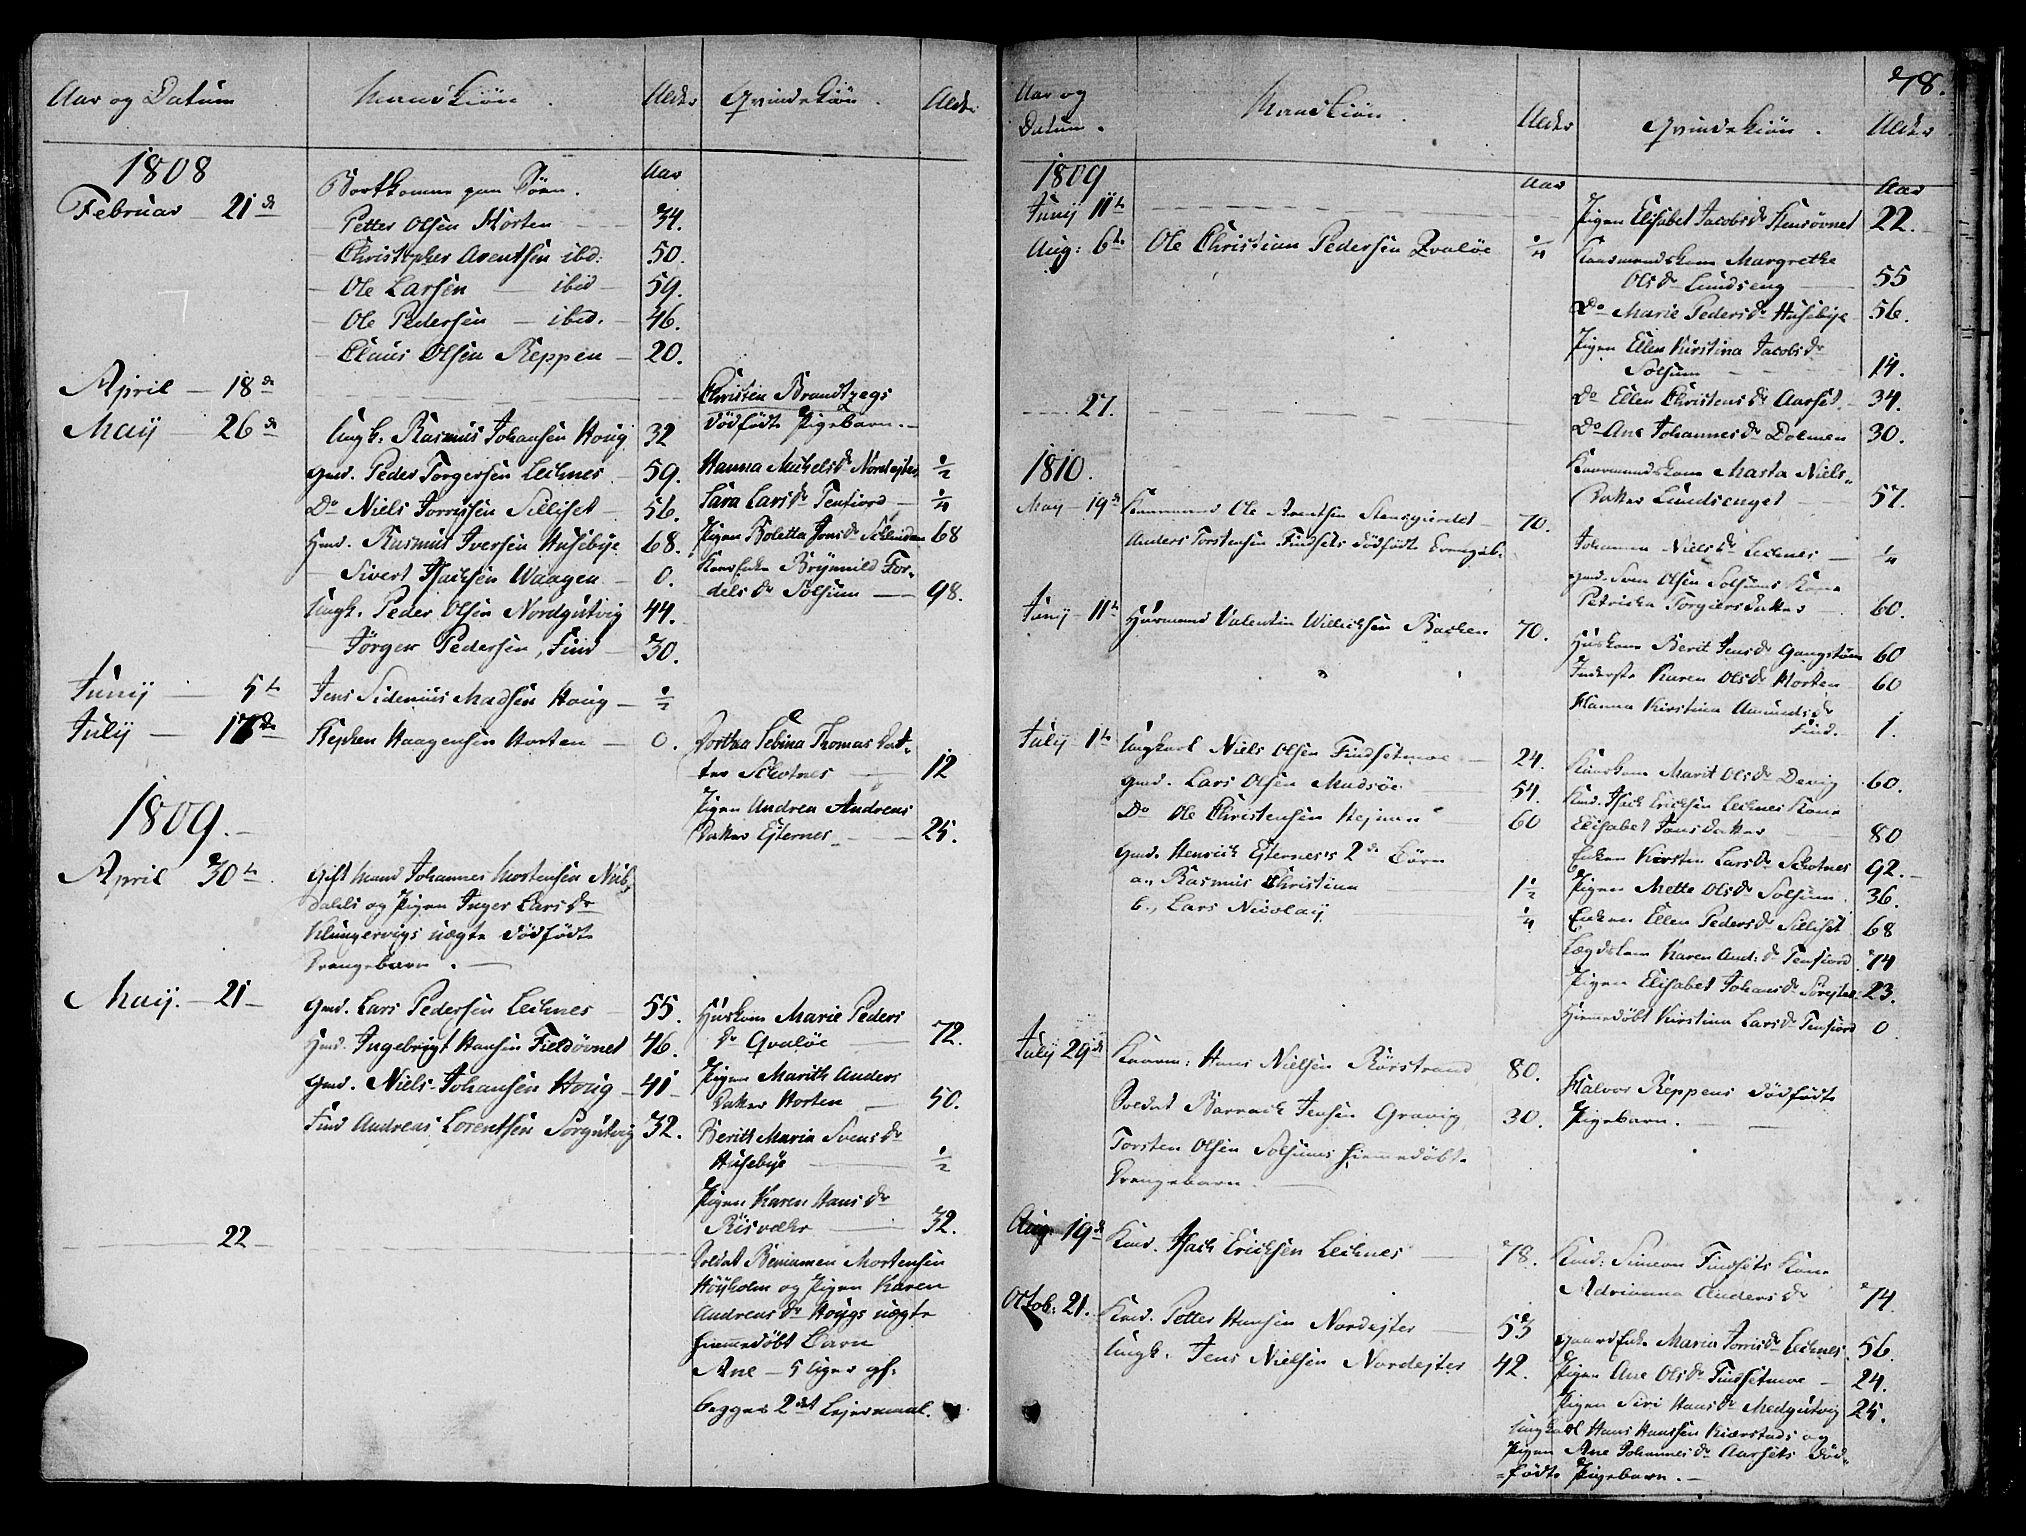 SAT, Ministerialprotokoller, klokkerbøker og fødselsregistre - Nord-Trøndelag, 780/L0633: Ministerialbok nr. 780A02 /2, 1806-1814, s. 78